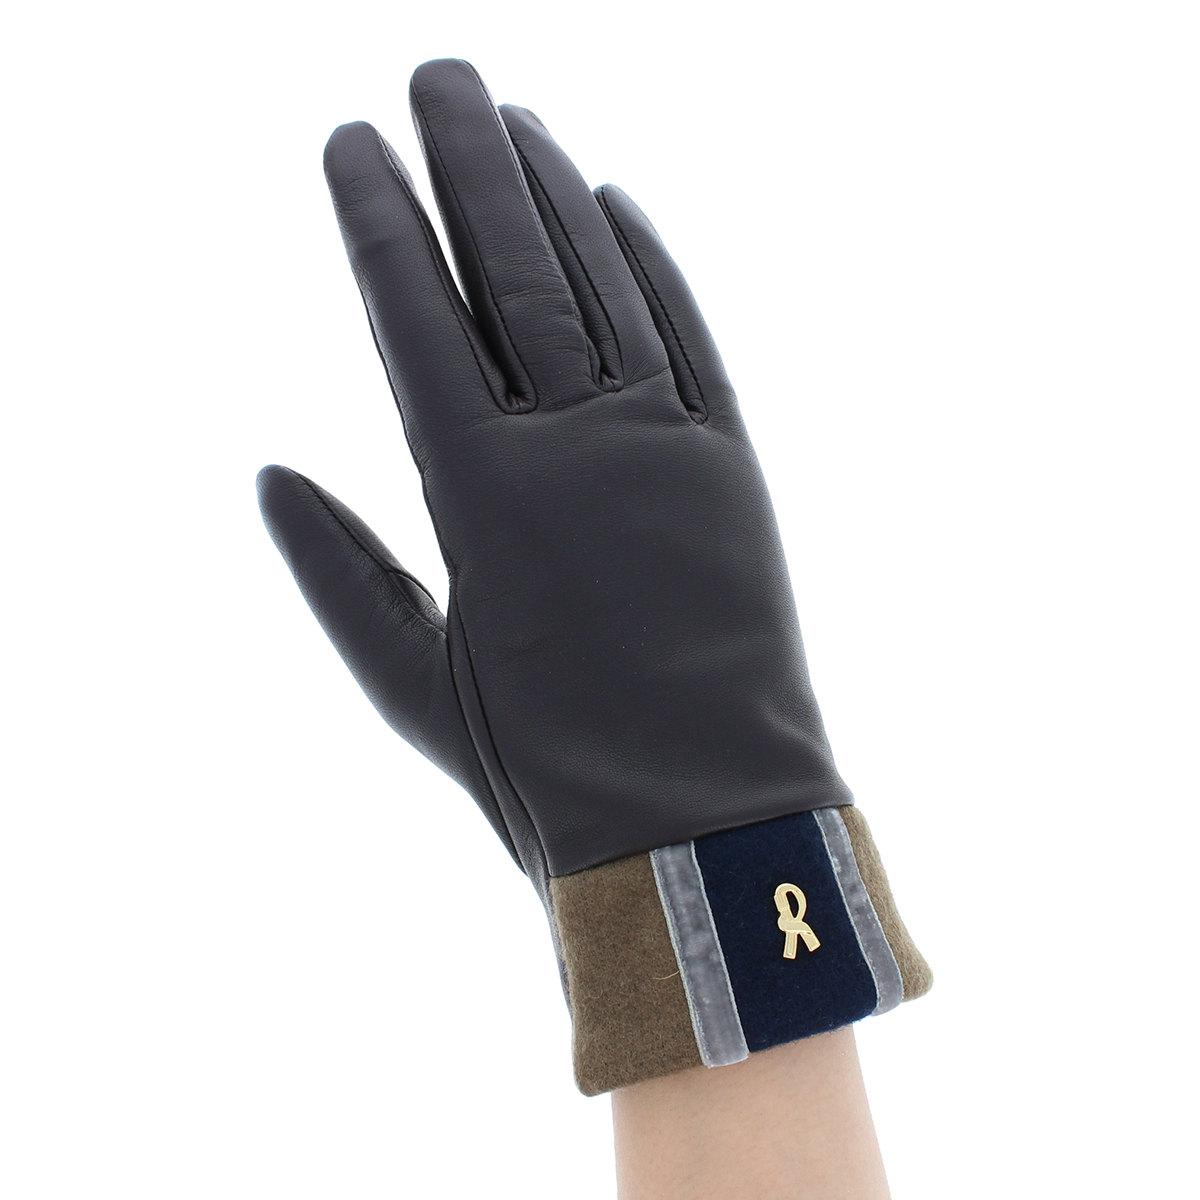 ロベルタ ディ カメリーノ レディース 革手袋 羊革 ブランドマーク 配色 おしゃれ エレガントデザイン 裏地付き 防寒 手袋 Mサイズ MLサイズ